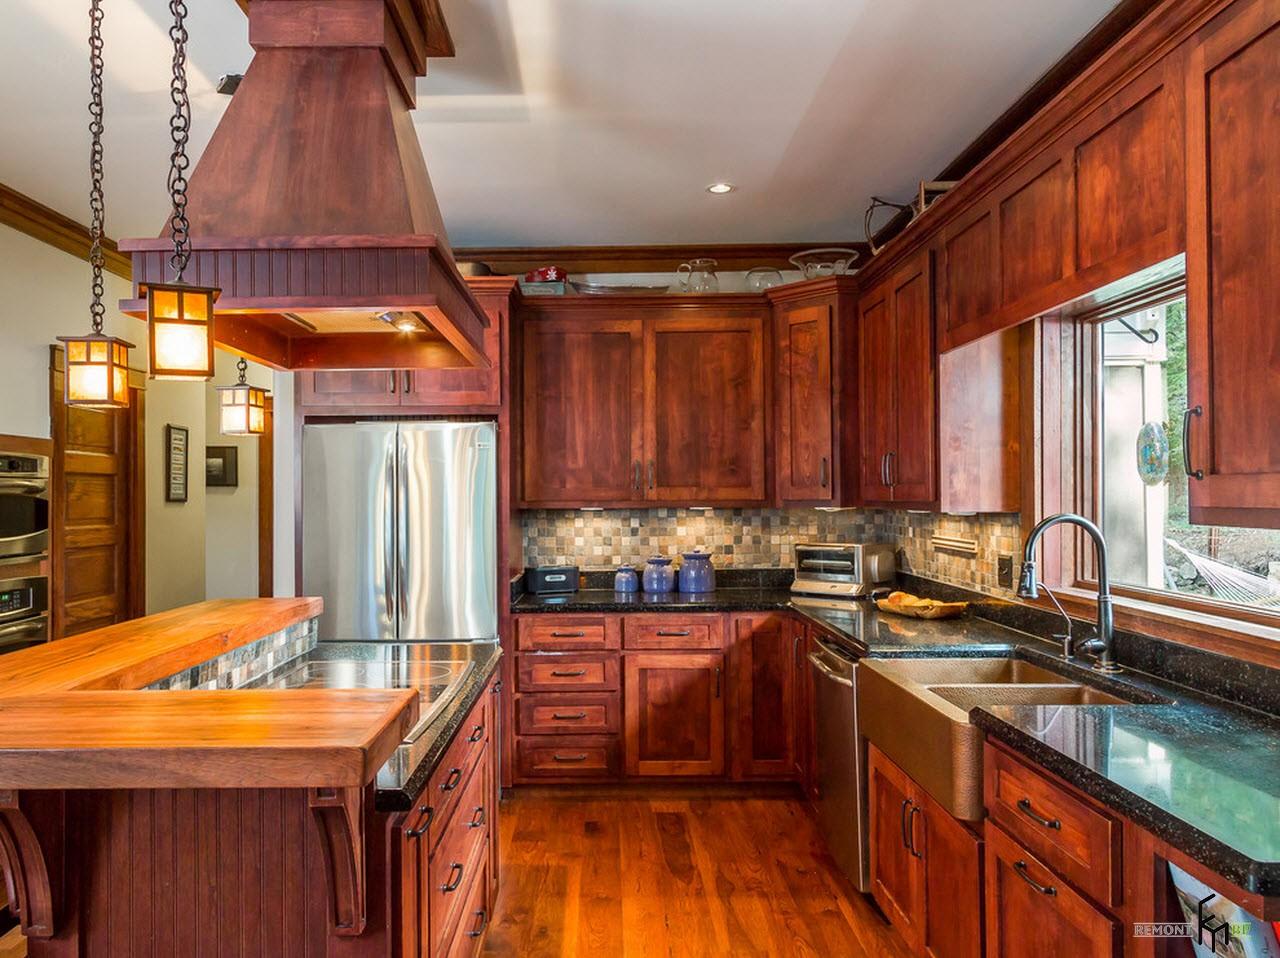 бывают кухни для загородного дома фото обильном